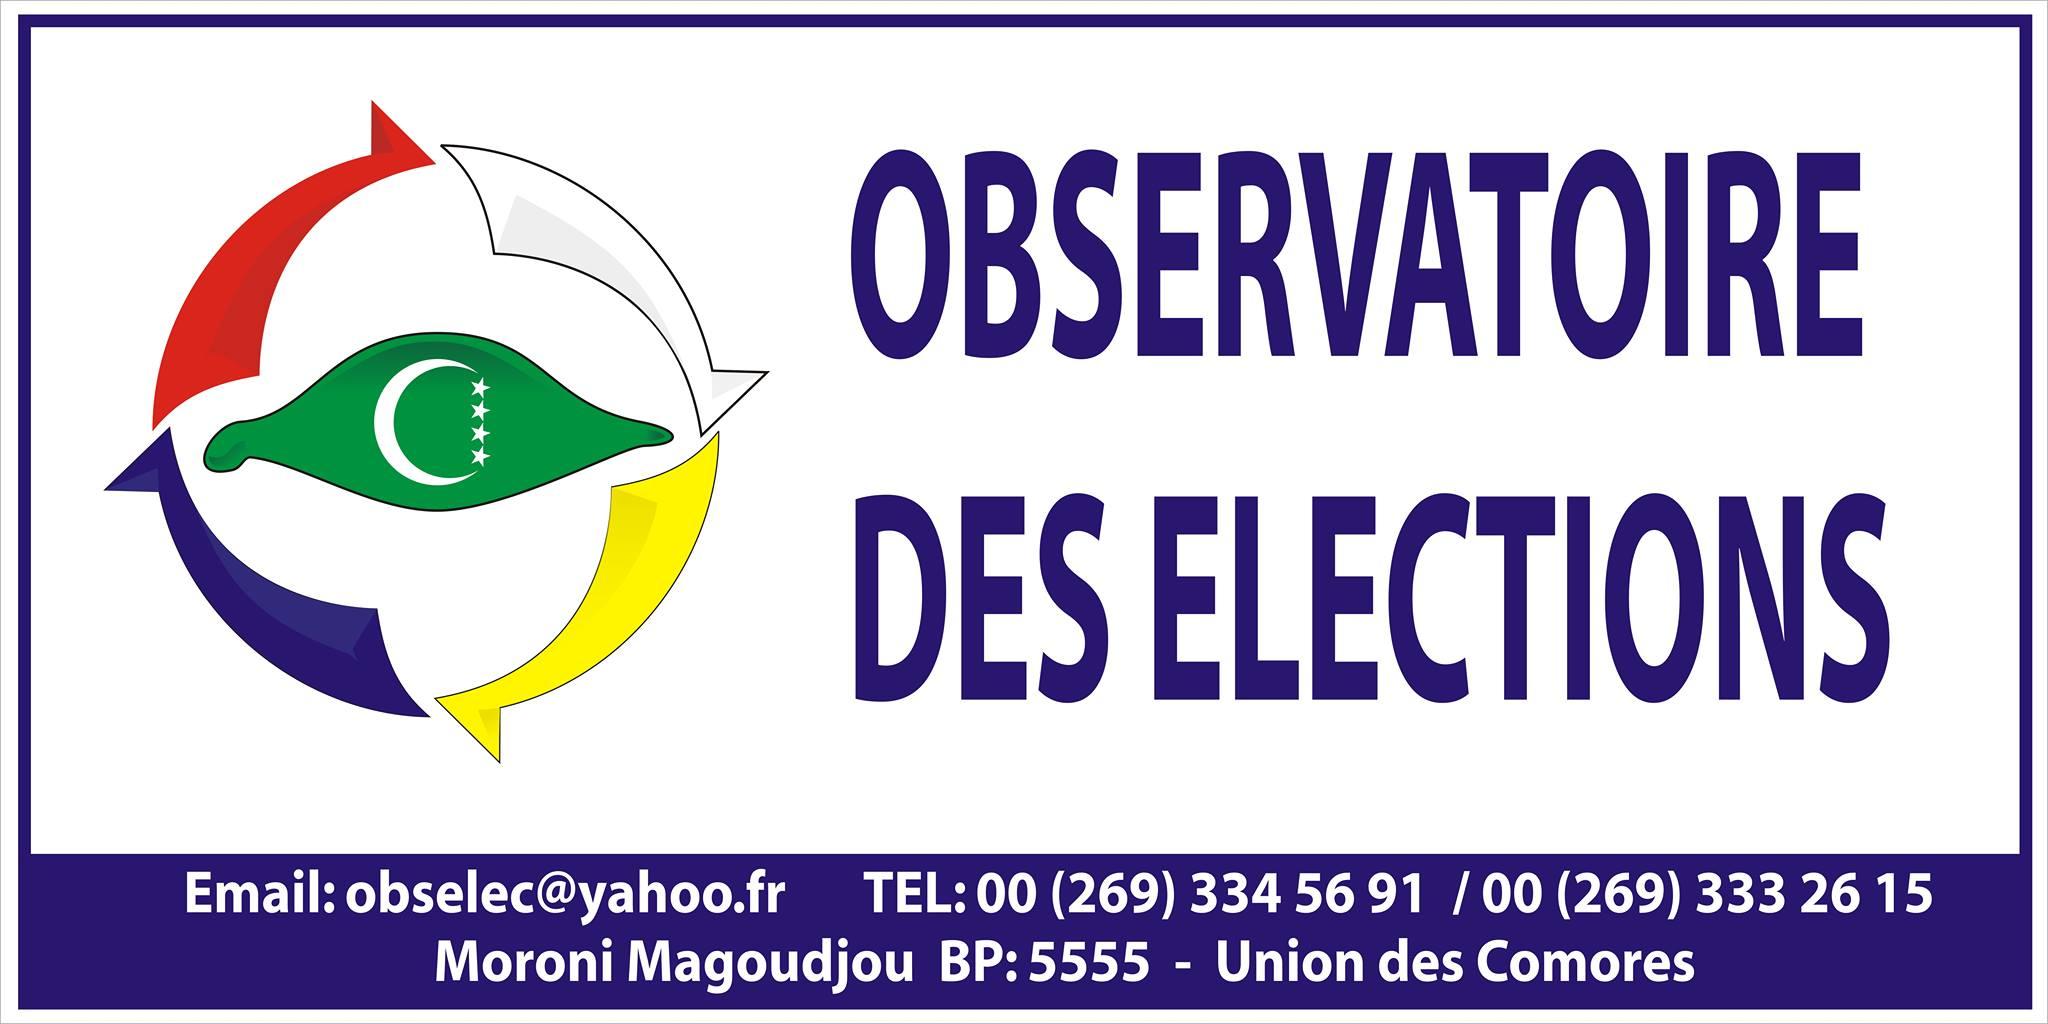 Déclaration de l' Observatoire des élections avant le vote